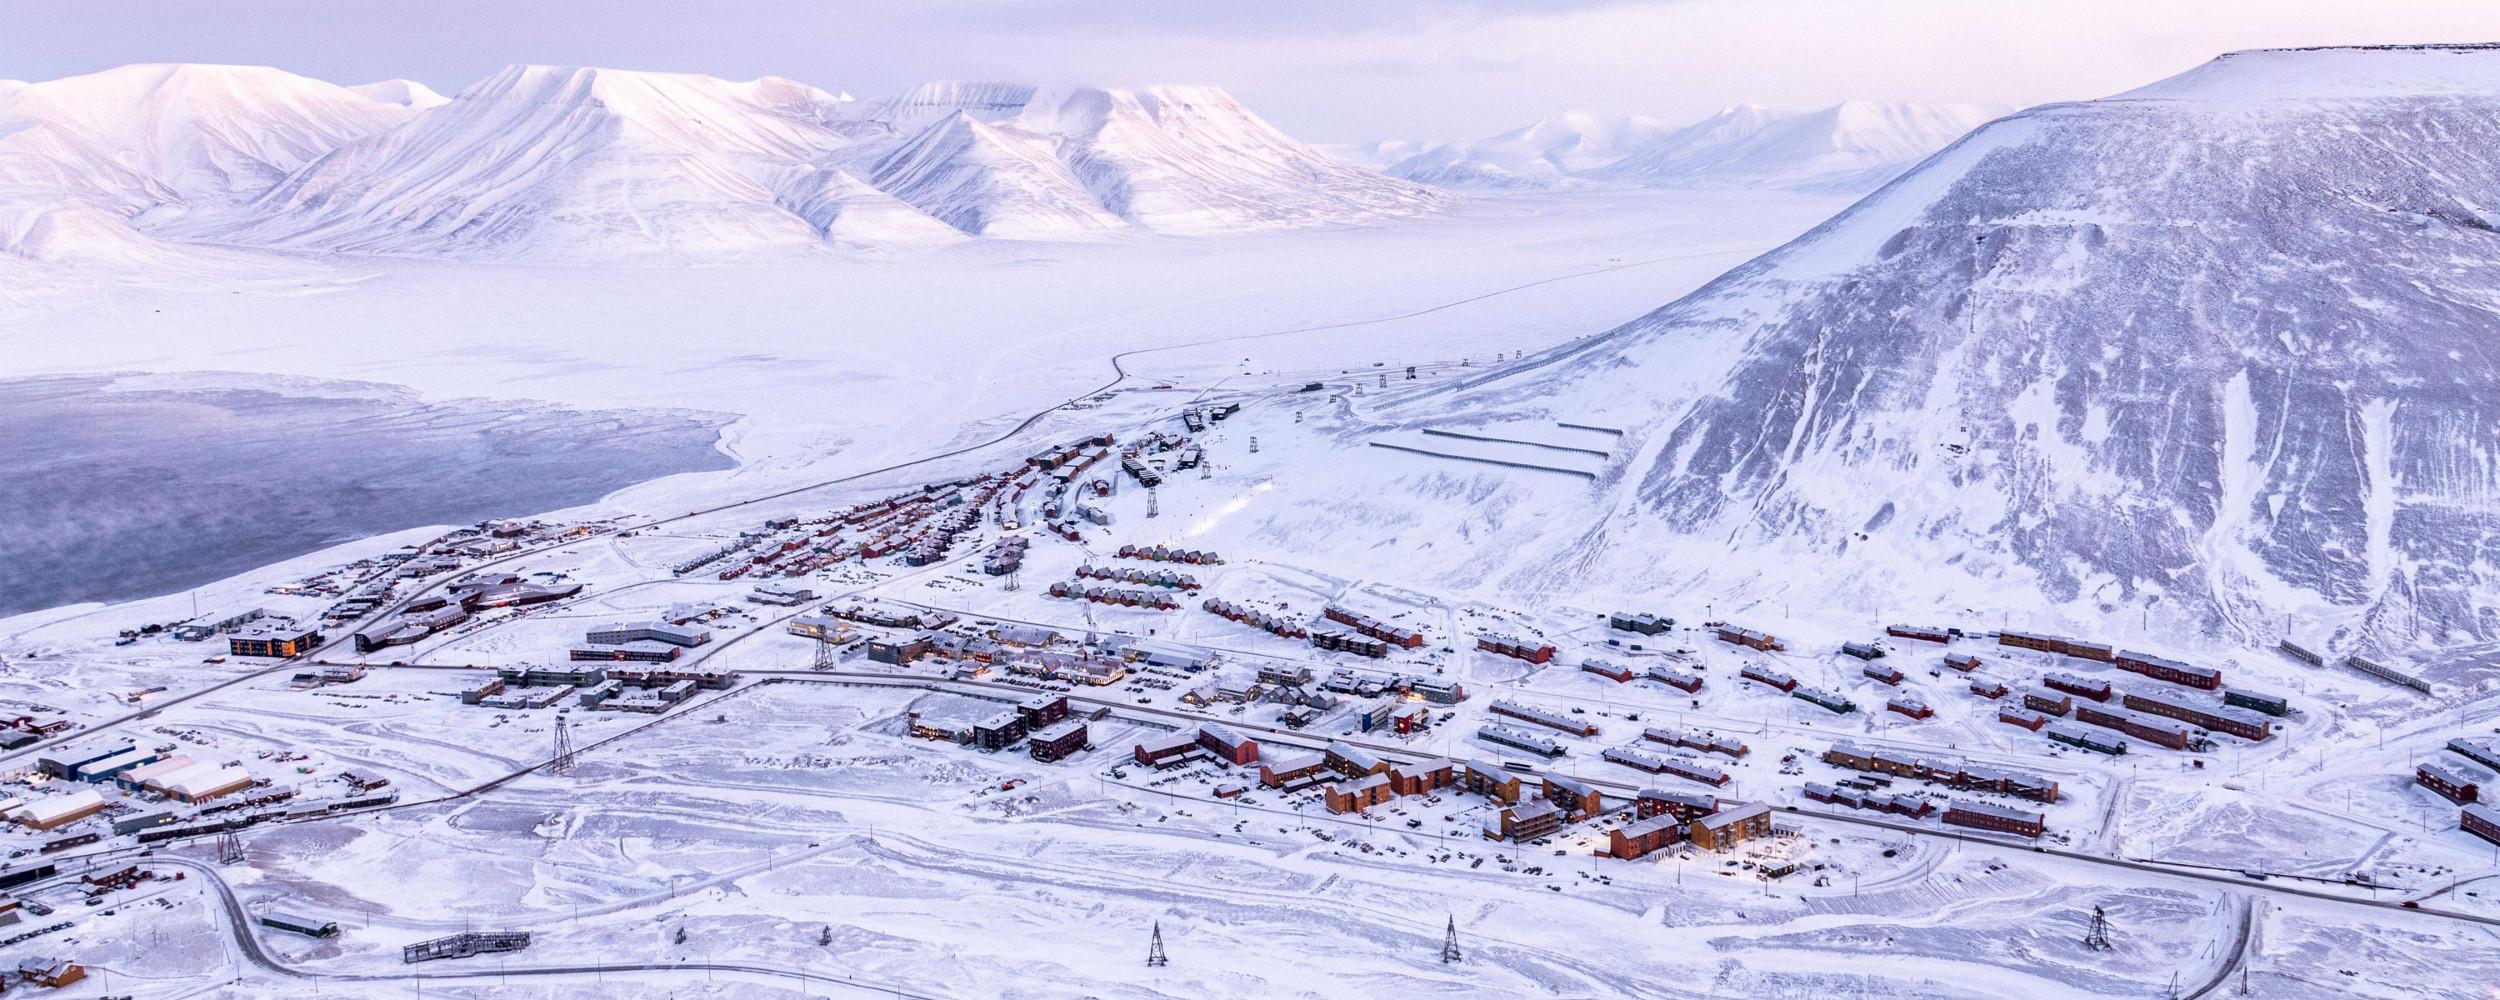 Longyearbyen in winter with view from Plåteaufjellet